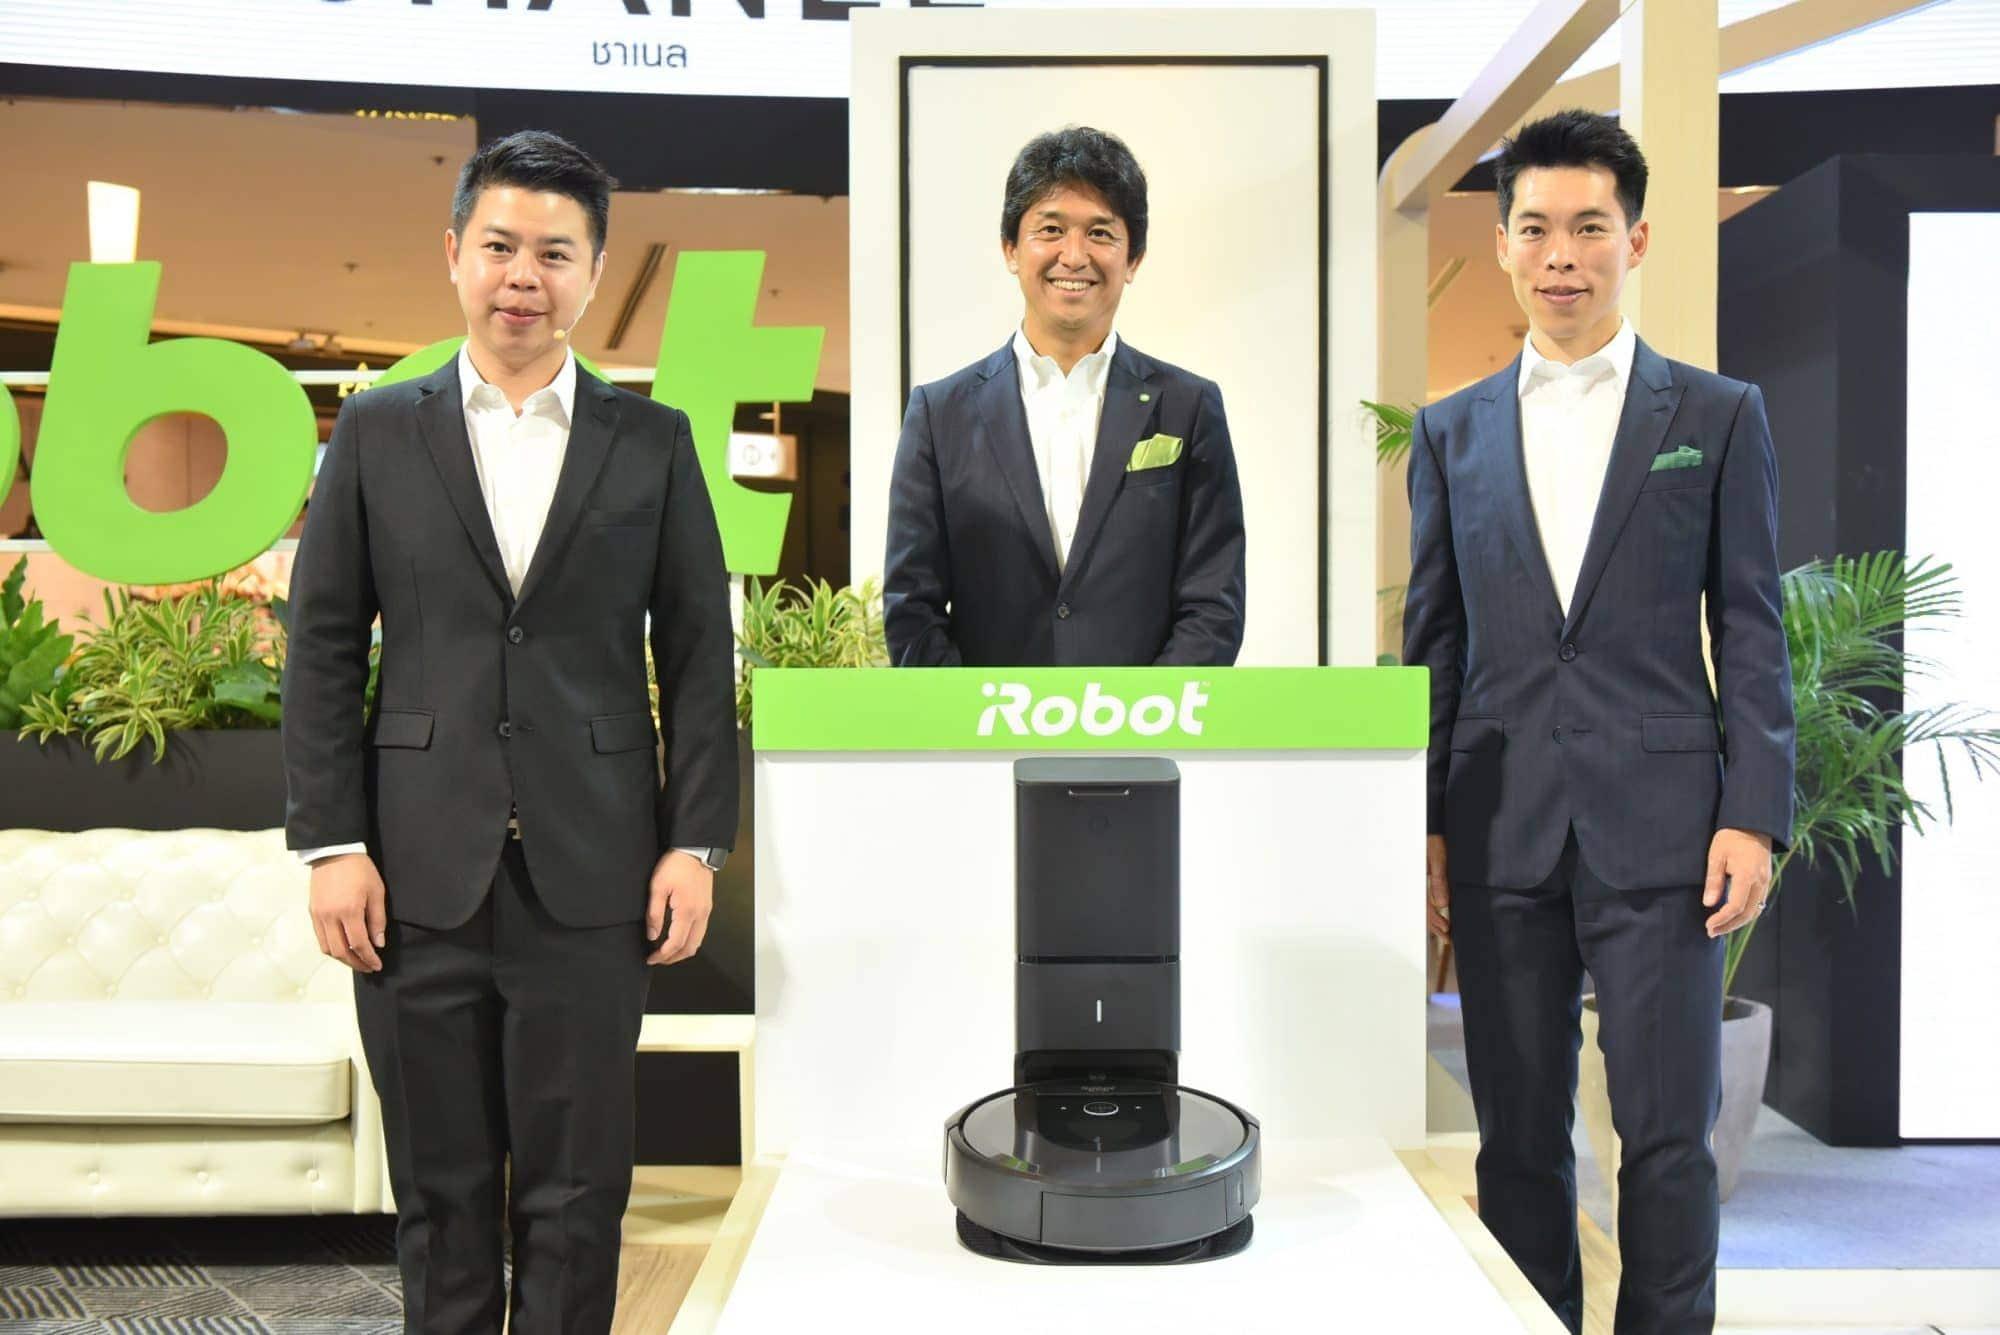 - เปิดตัว iRobot Roomba i7+ หุ่มยนต์ดูดฝุ่นอัจฉริยะ พร้อมแท่นกำจัดขยะอัตโนมัติ